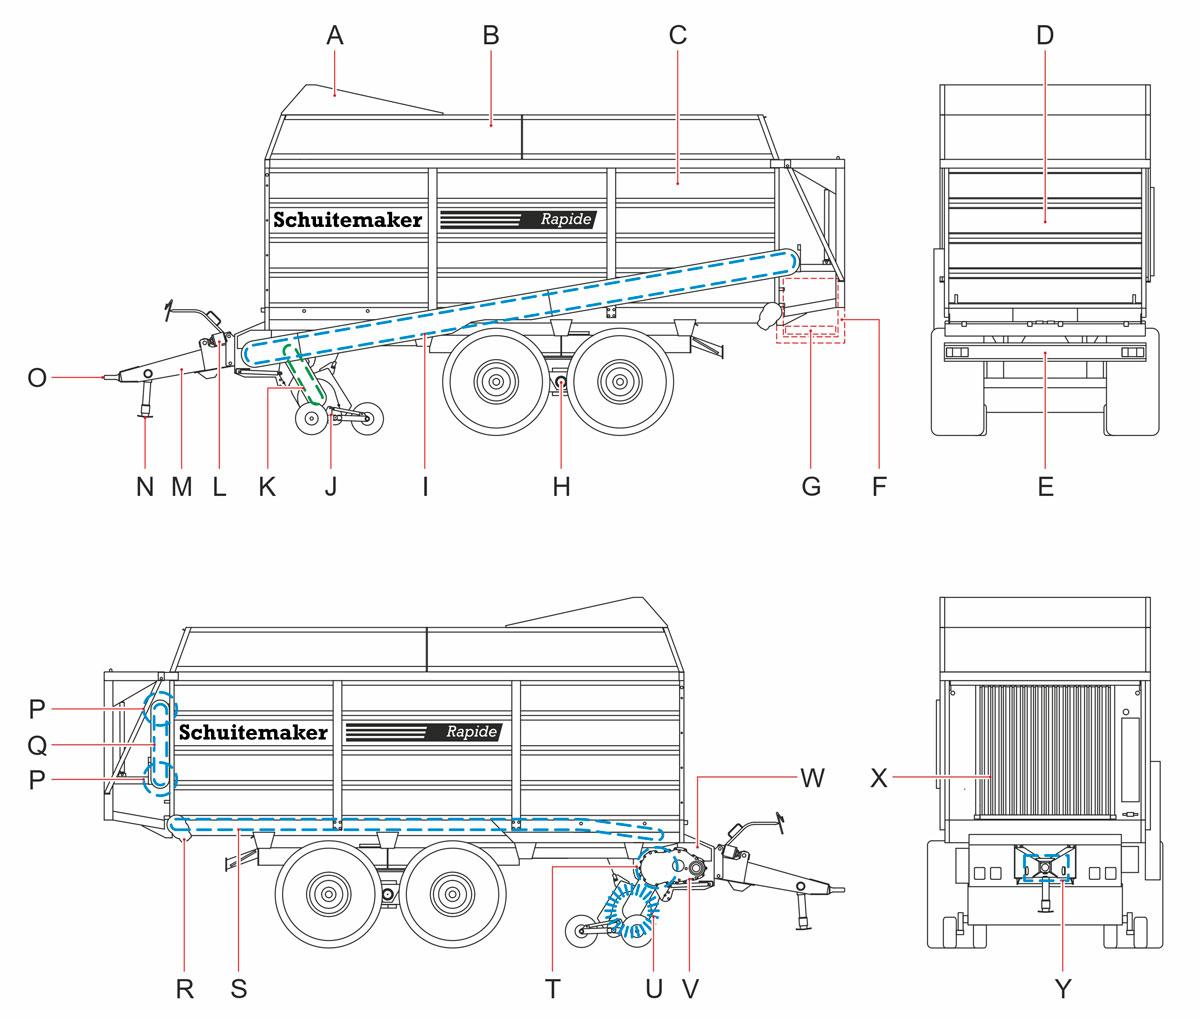 Schuitemaker, Technische illustraties, Technische handleidingen, Technische documentatie, Lijnillustratie